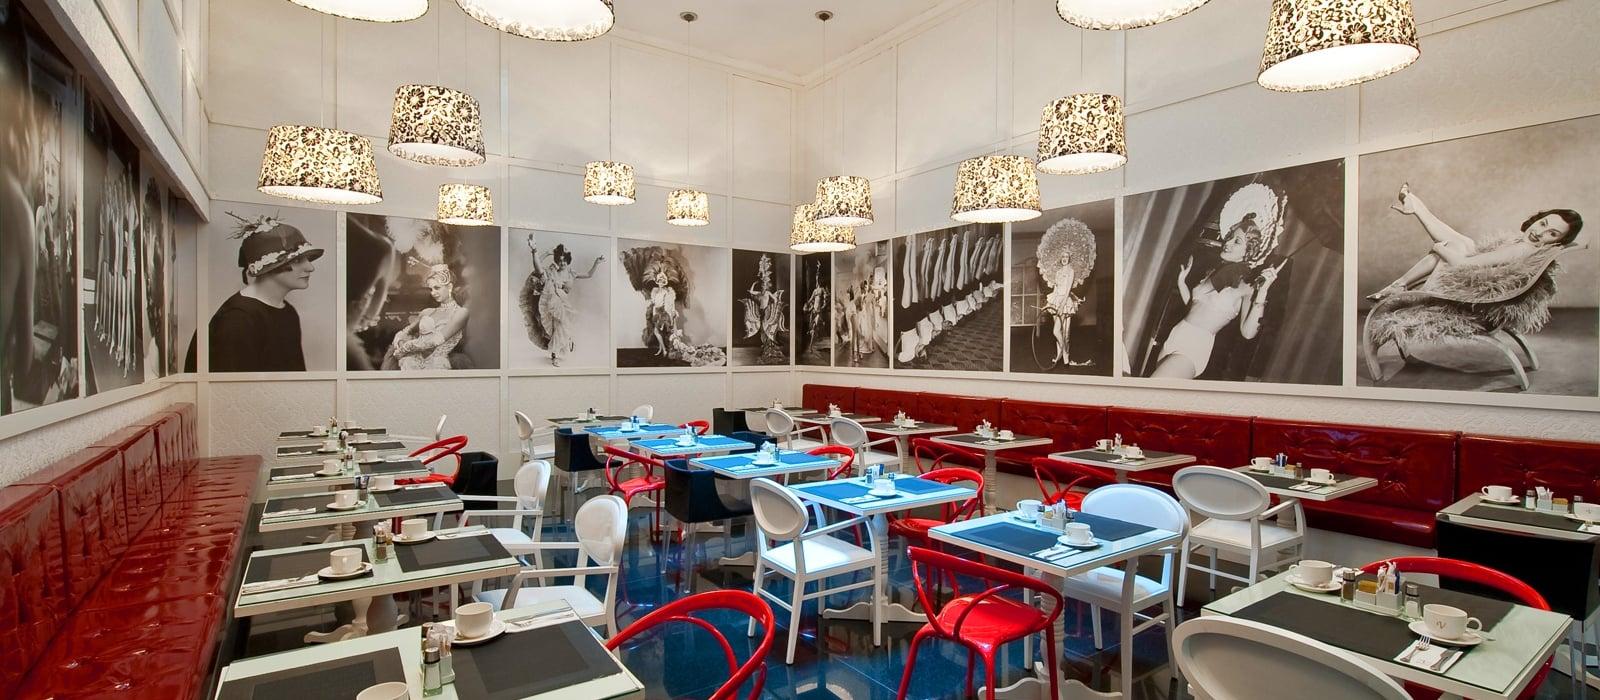 Ofertas Hotel Vincci Madrid Vía 66 - ¡Anticípate y ahorra! 10%